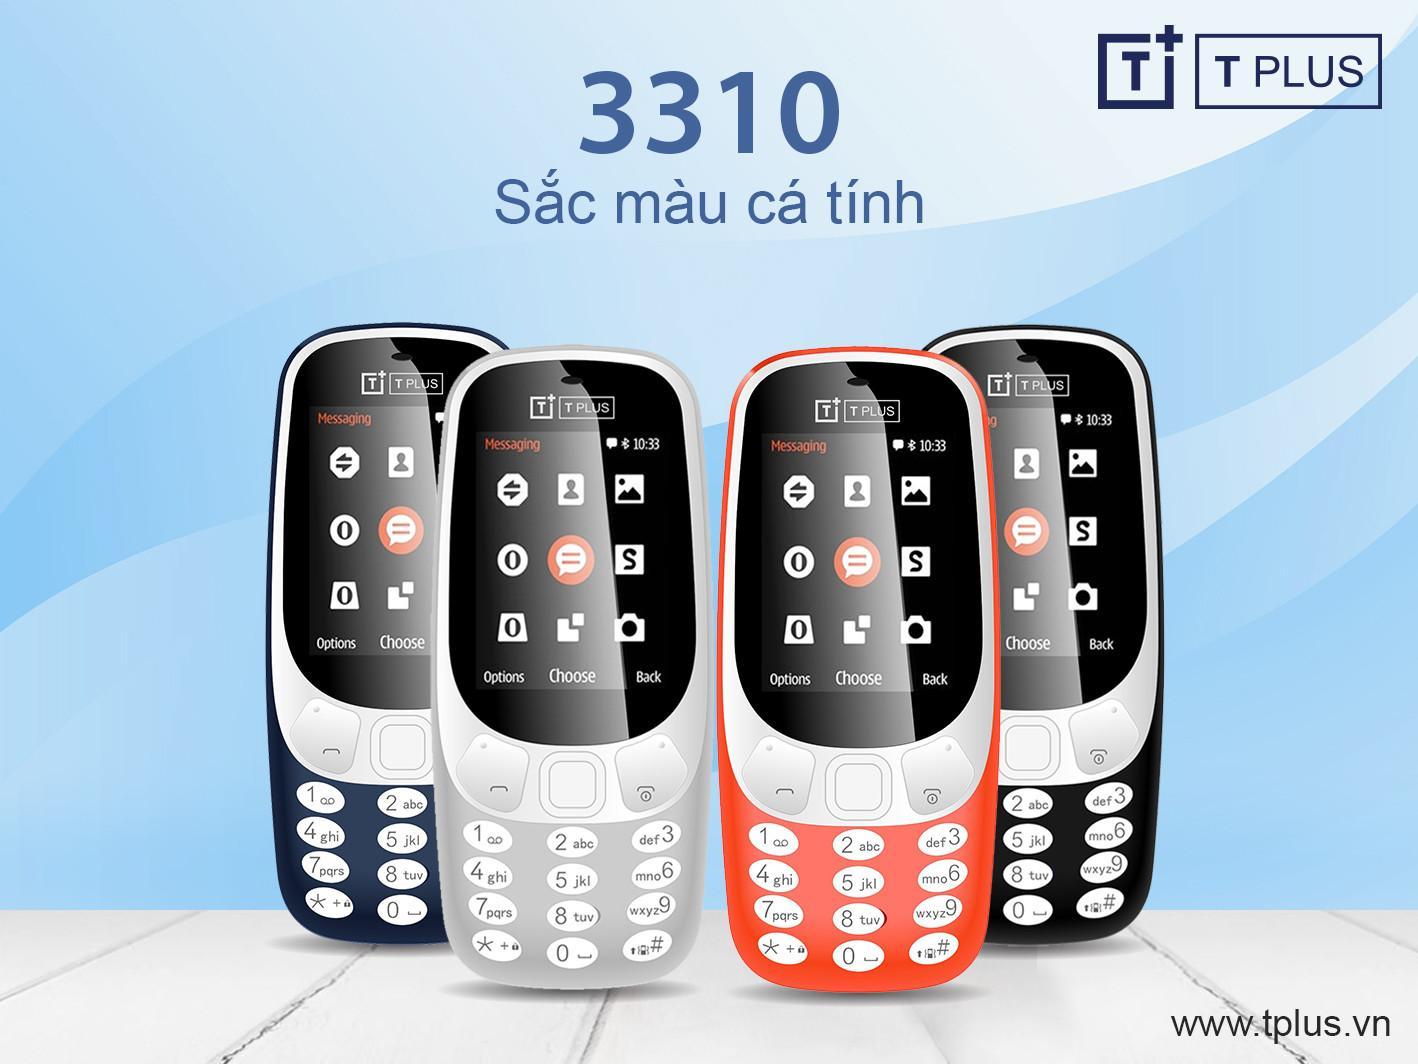 3310-3_27.jpg